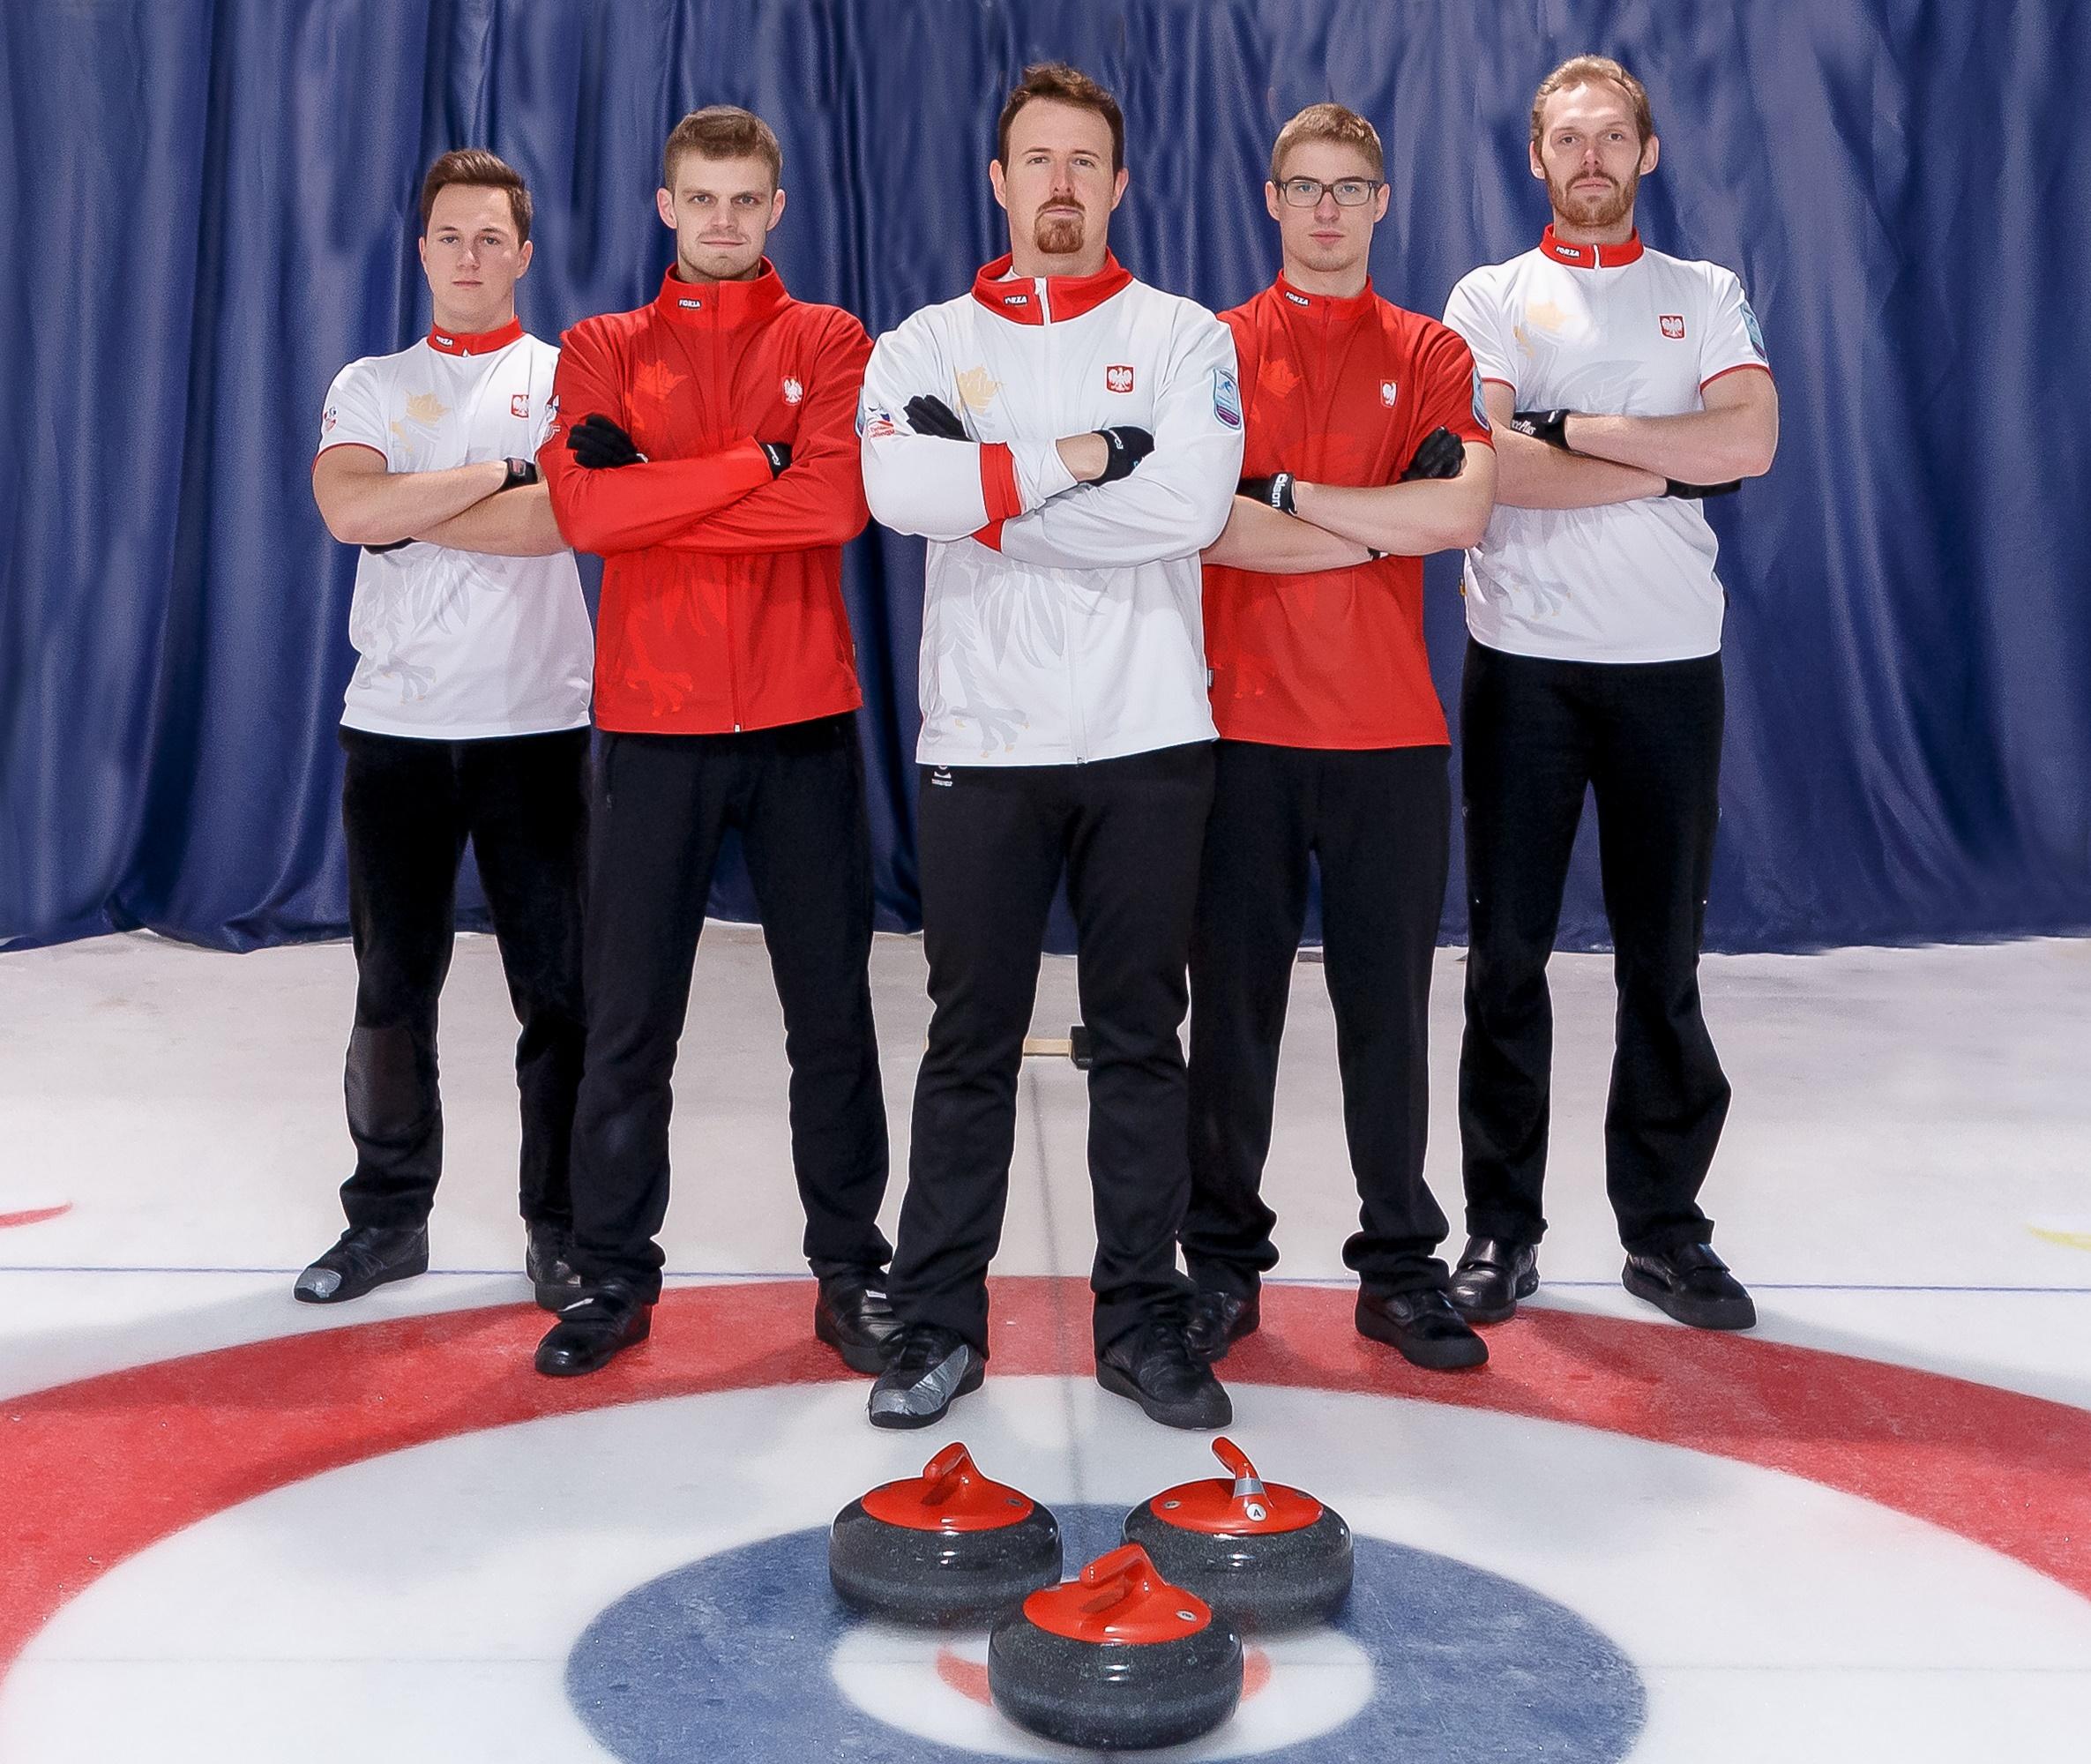 Nasza drużyna w curling